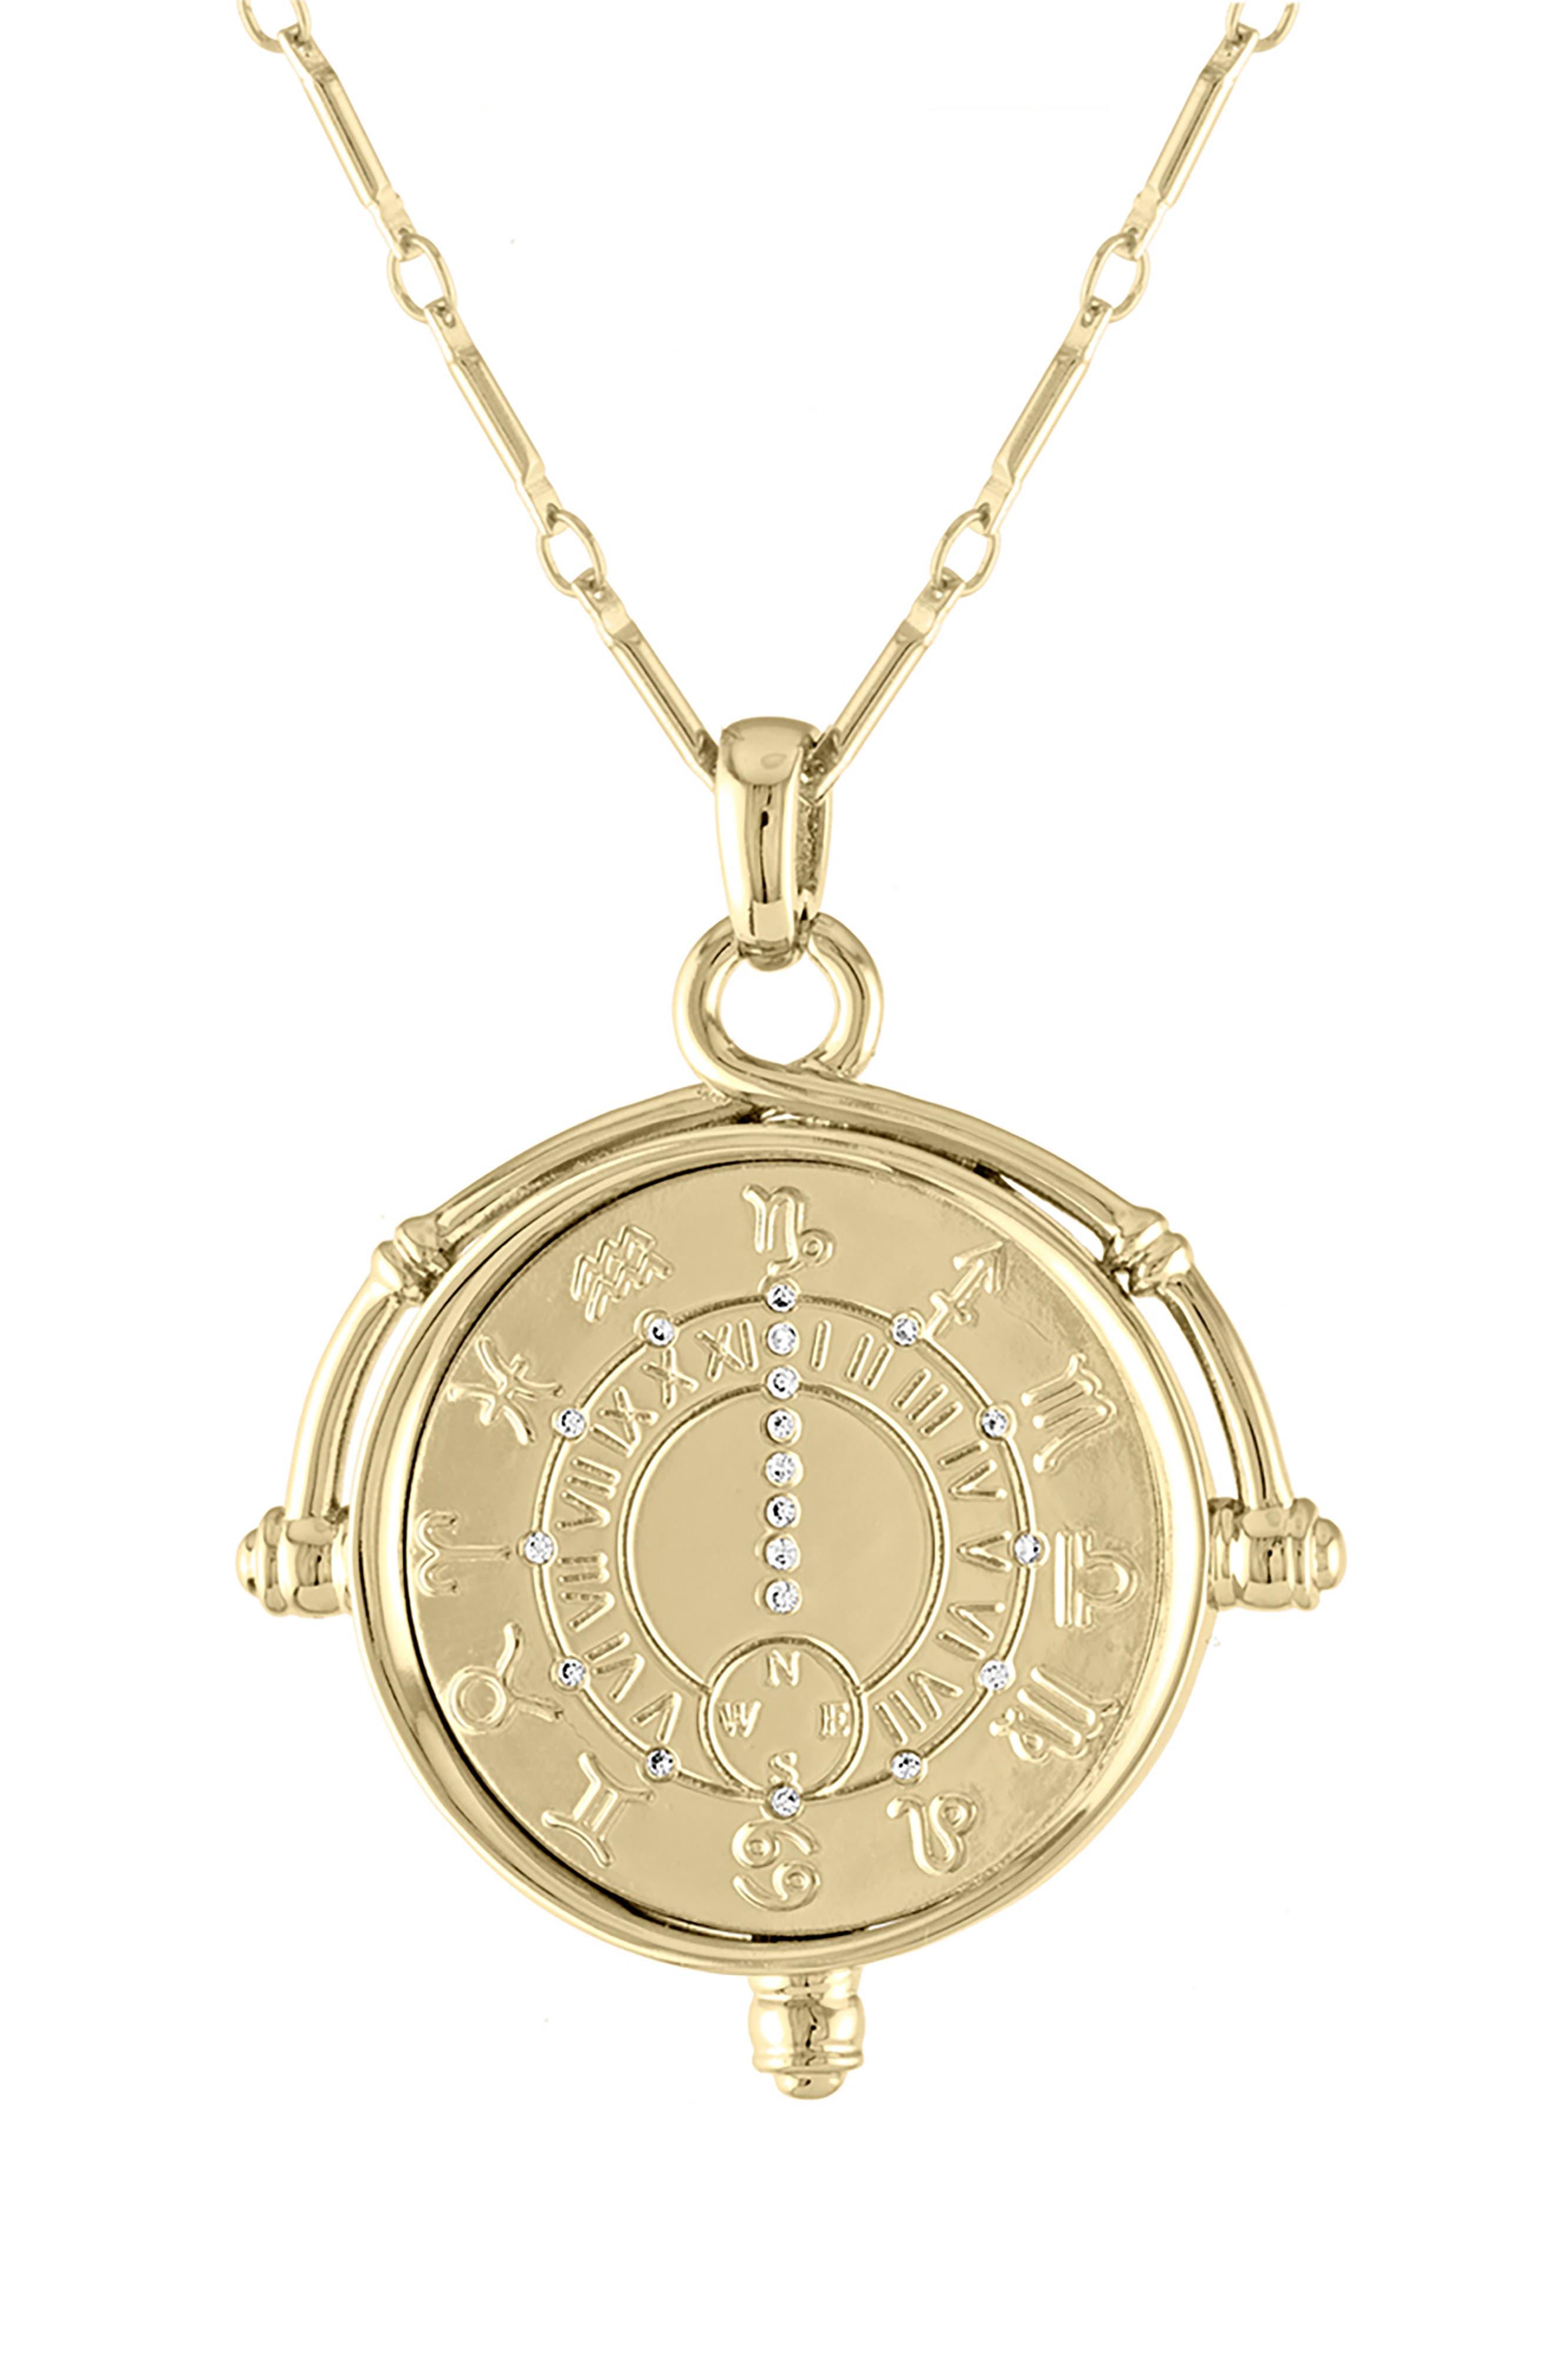 LULU DK Zodiac Pendant Necklace in Gold